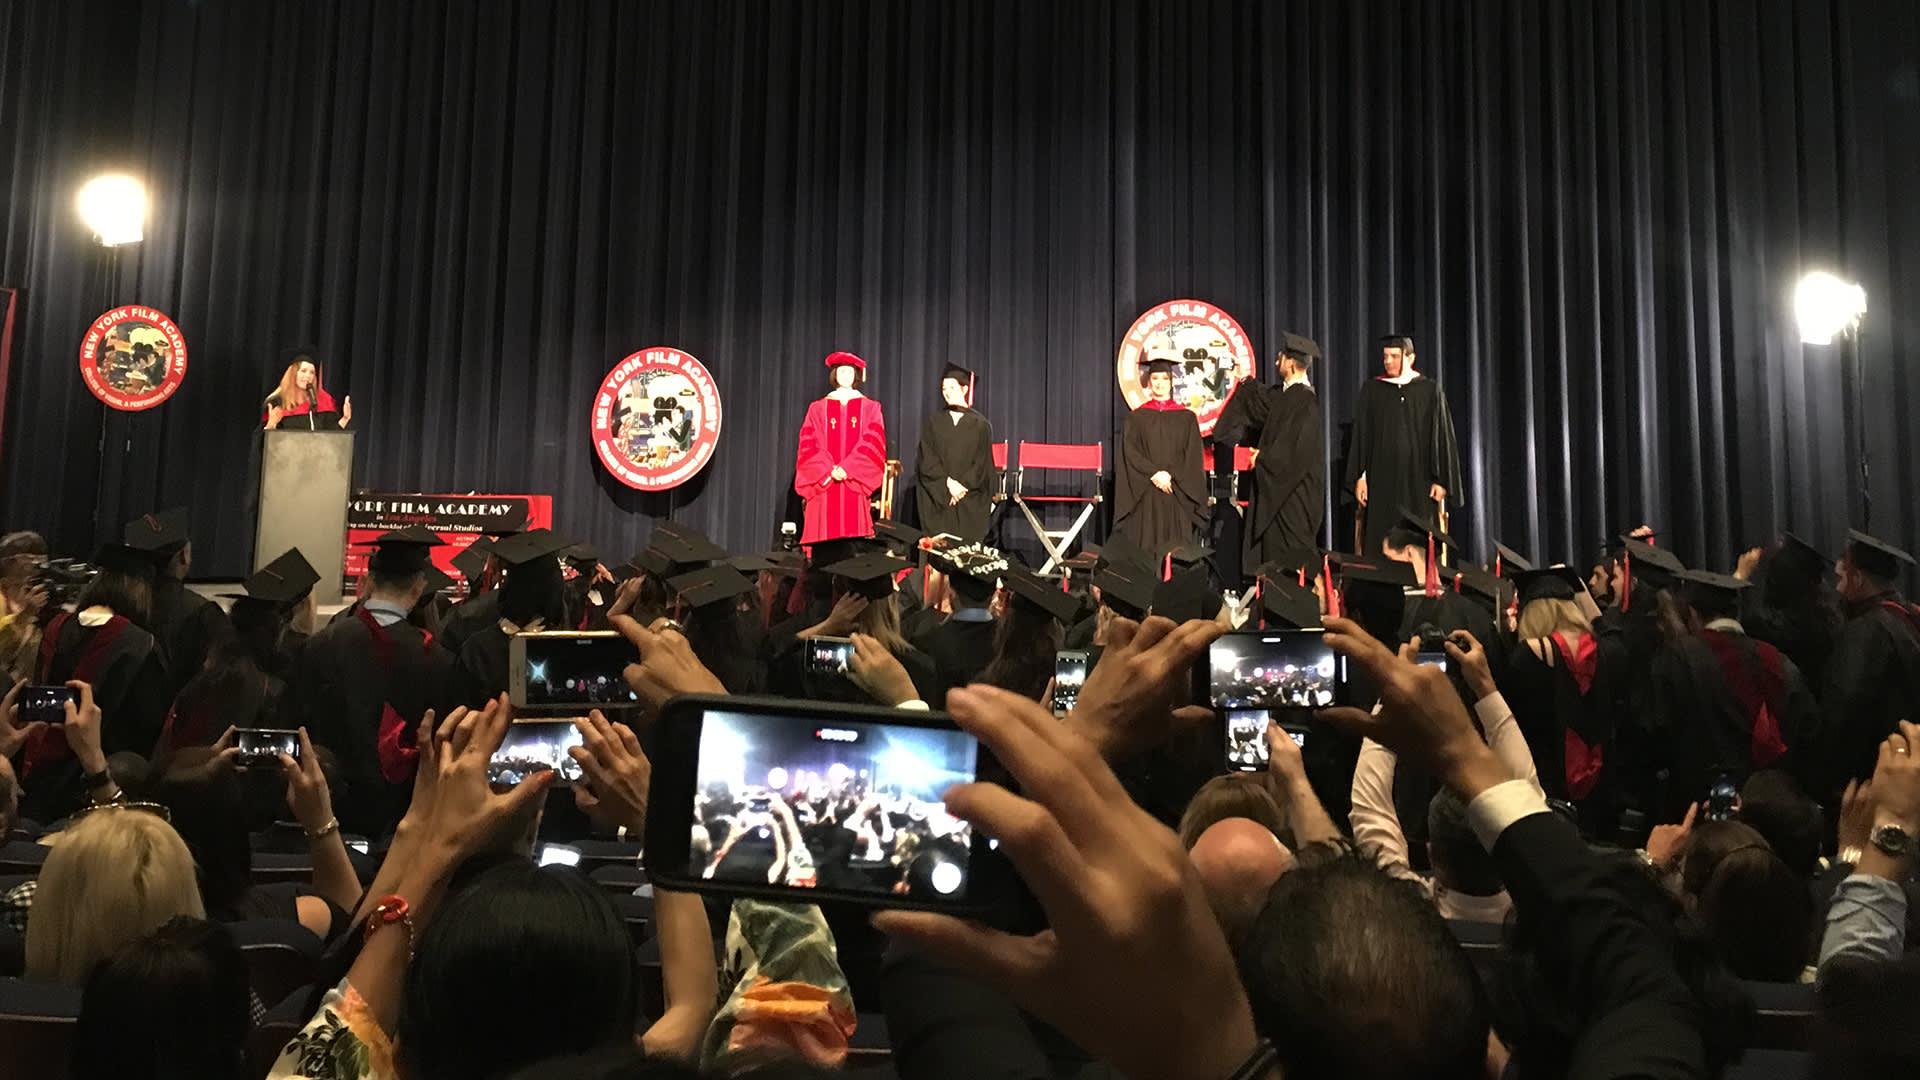 Opiskelijoiden valmistumisjuhla Los Angelesissa.